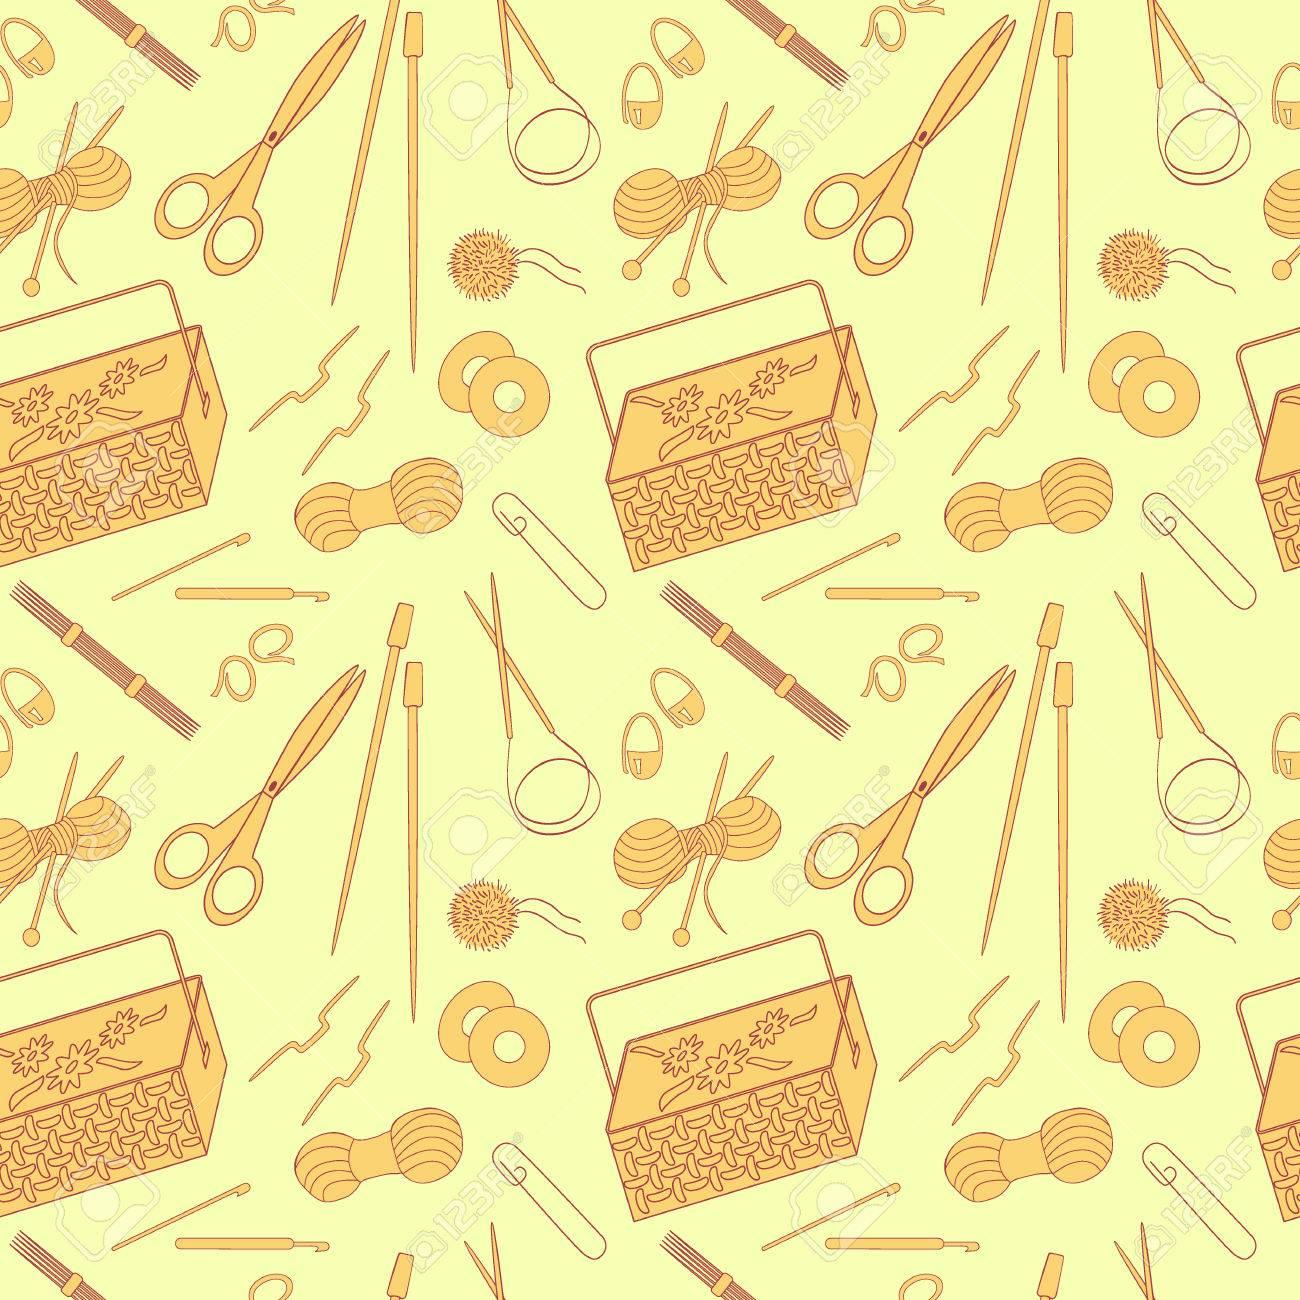 cd28c77ed067 Sin patrón de tejido de punto y artesanías iconos. agujas de tejer, hilado,  hilo, agujas de ganchillo, canasta. Fondo para el uso en el diseño, sitio  ...